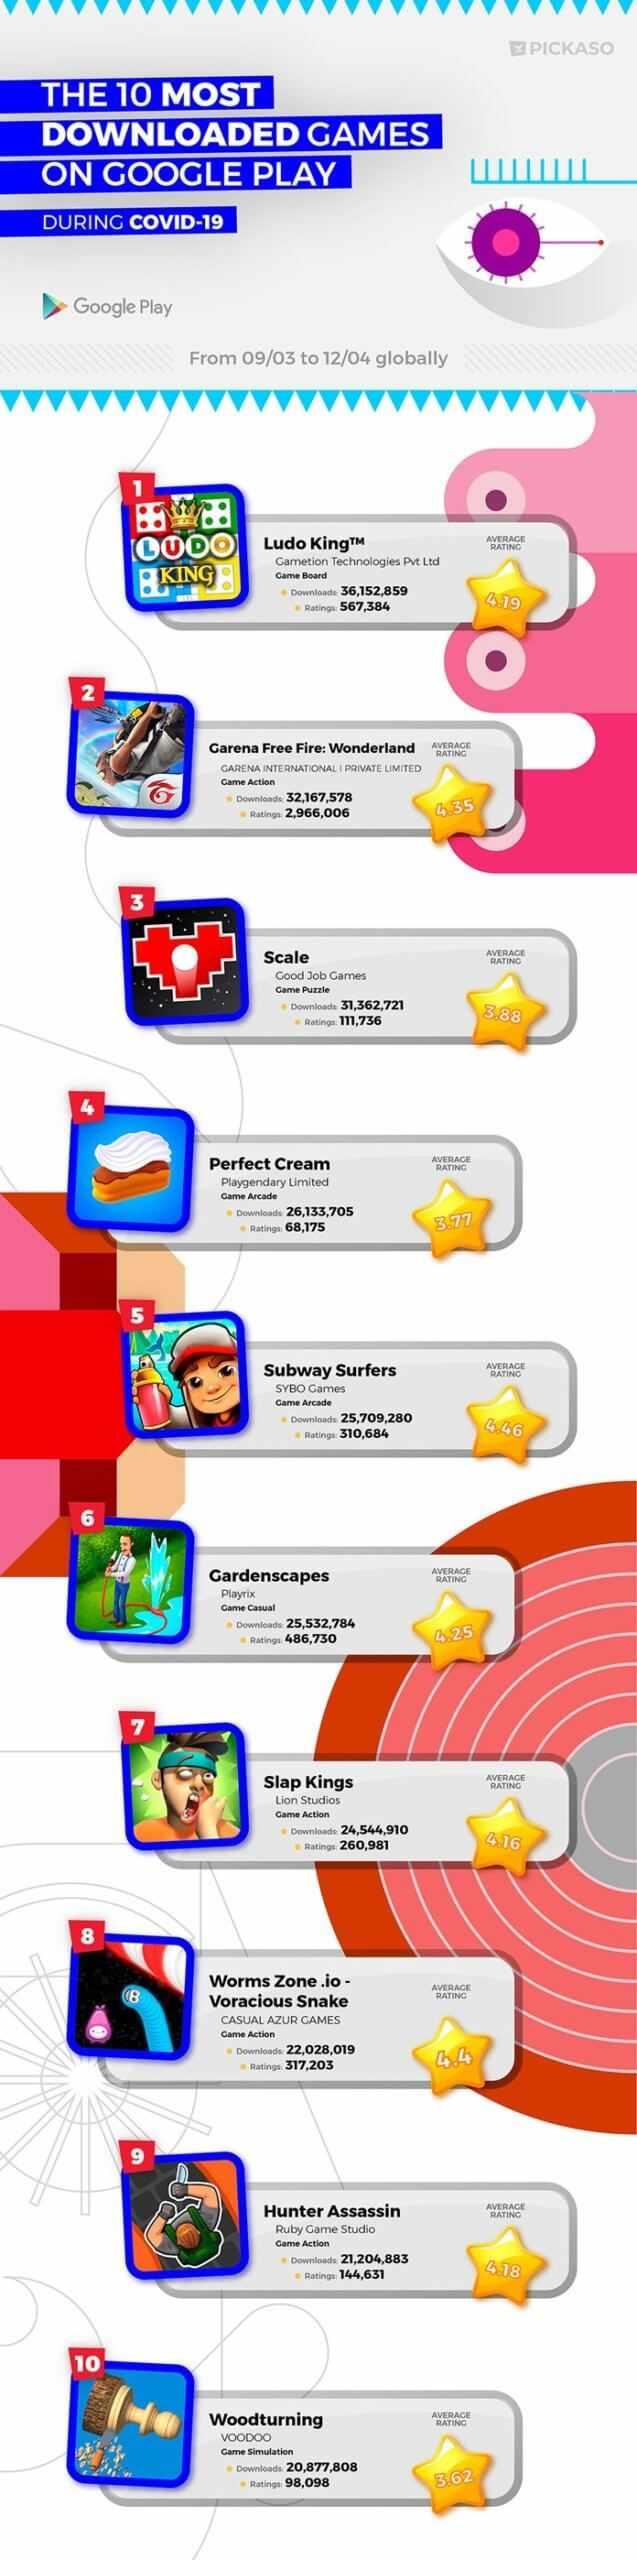 Популярные игры для смартфонов